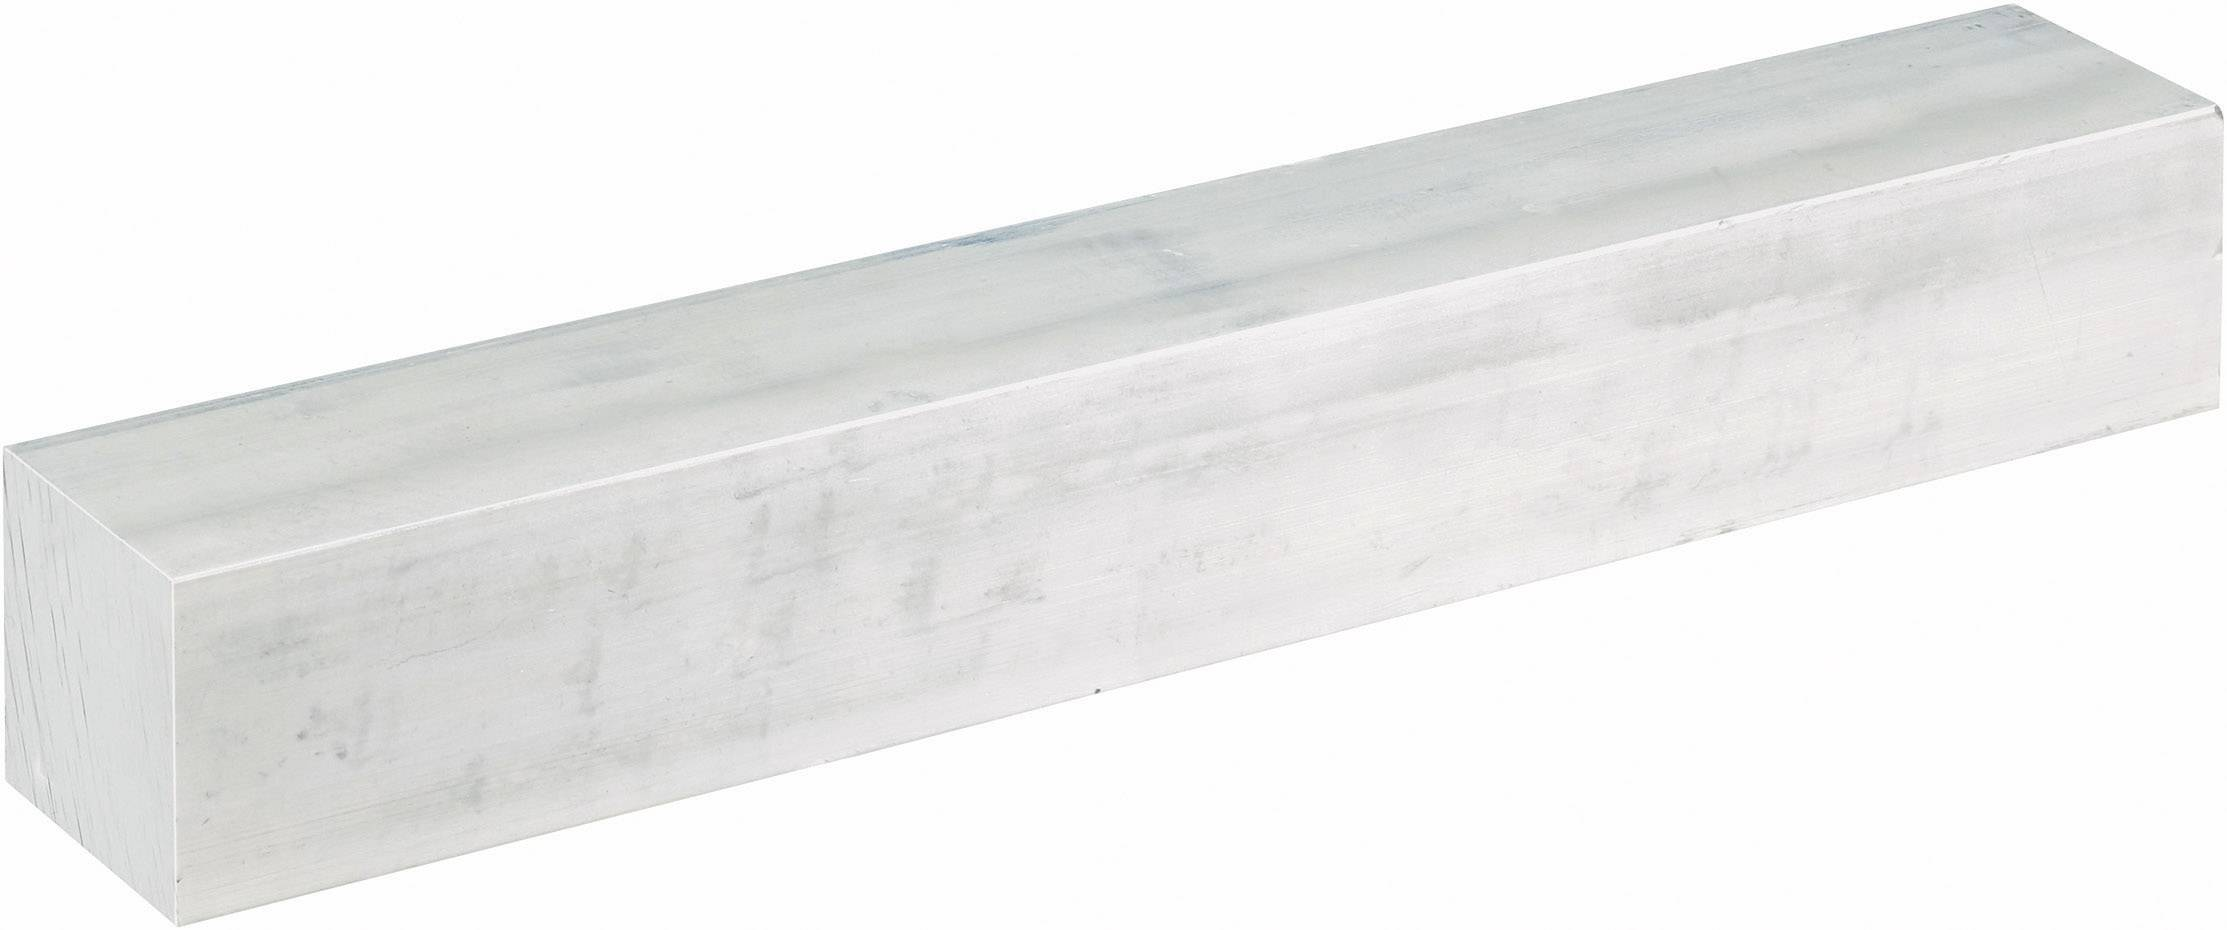 4-hranný profil Al/Cu/Mg/Pb/F37, 30 x 30 x 200 mm